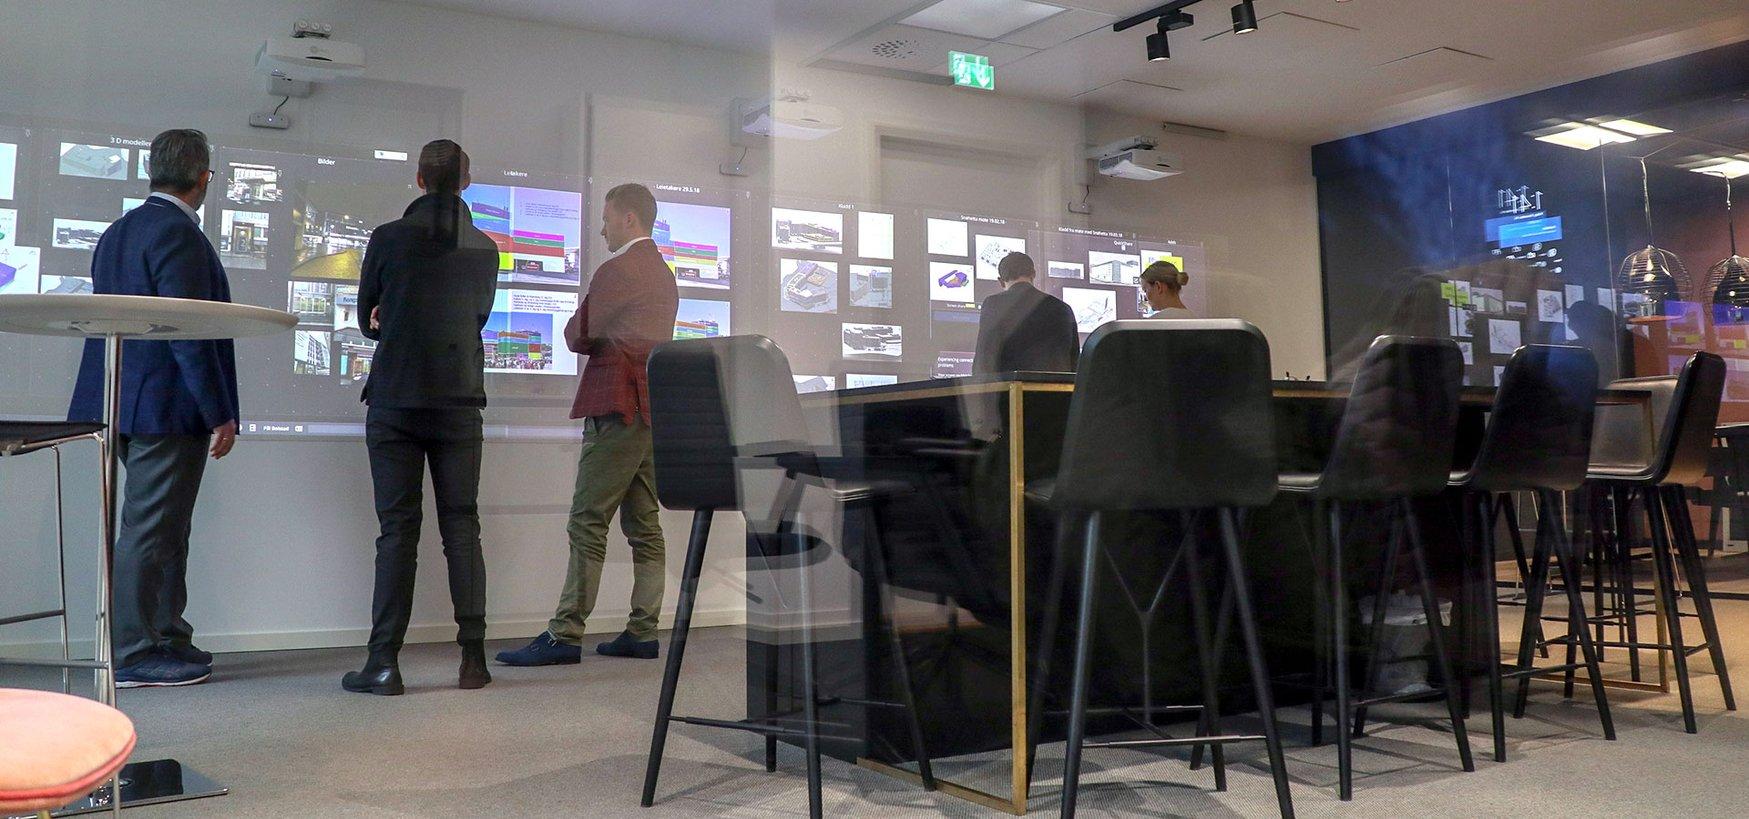 Interaktivt møterom - Nureva interaktiv skjermvegg